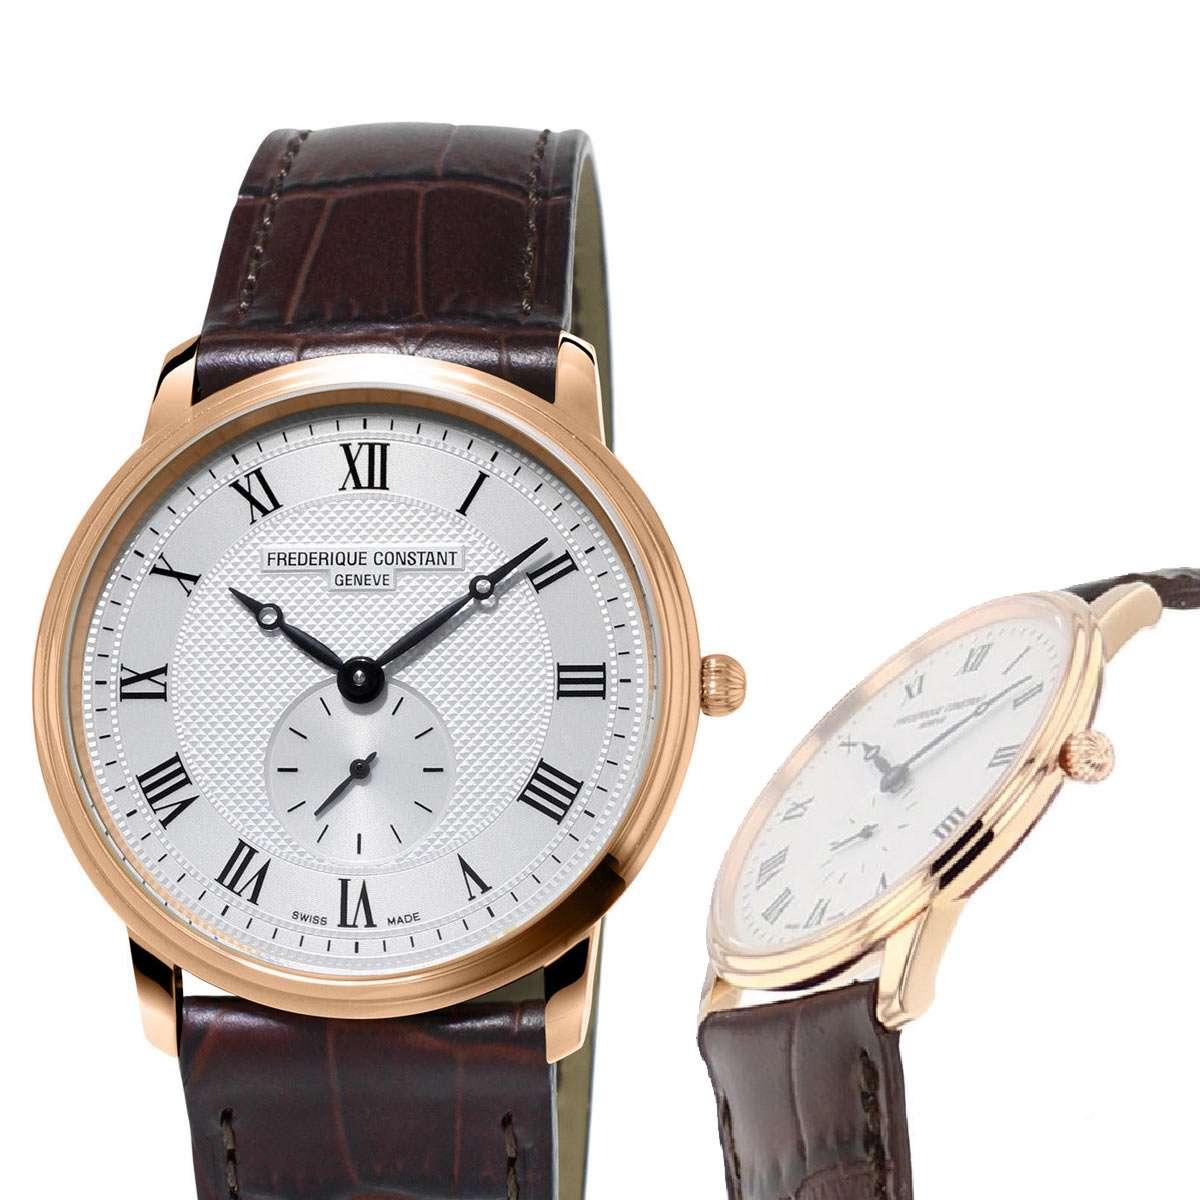 フレデリックコンスタント 時計 レディース 腕時計 Frederique Constant おしゃれ ブランド 2020 新作 5☆好評